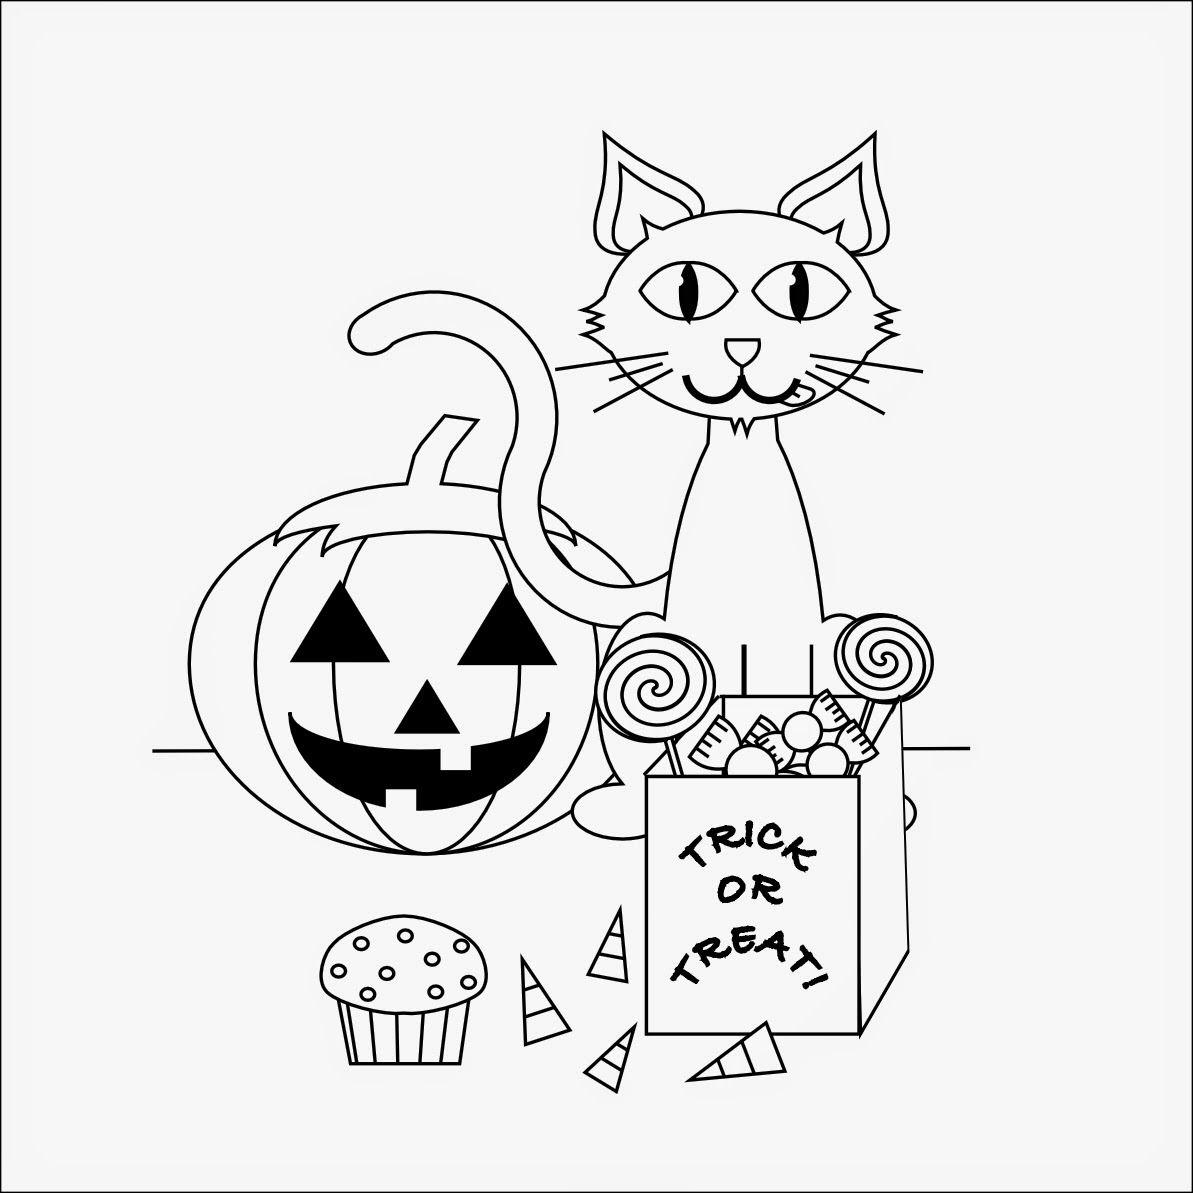 Für die kleinen kinder kostenlose ausmalbilder für halloween